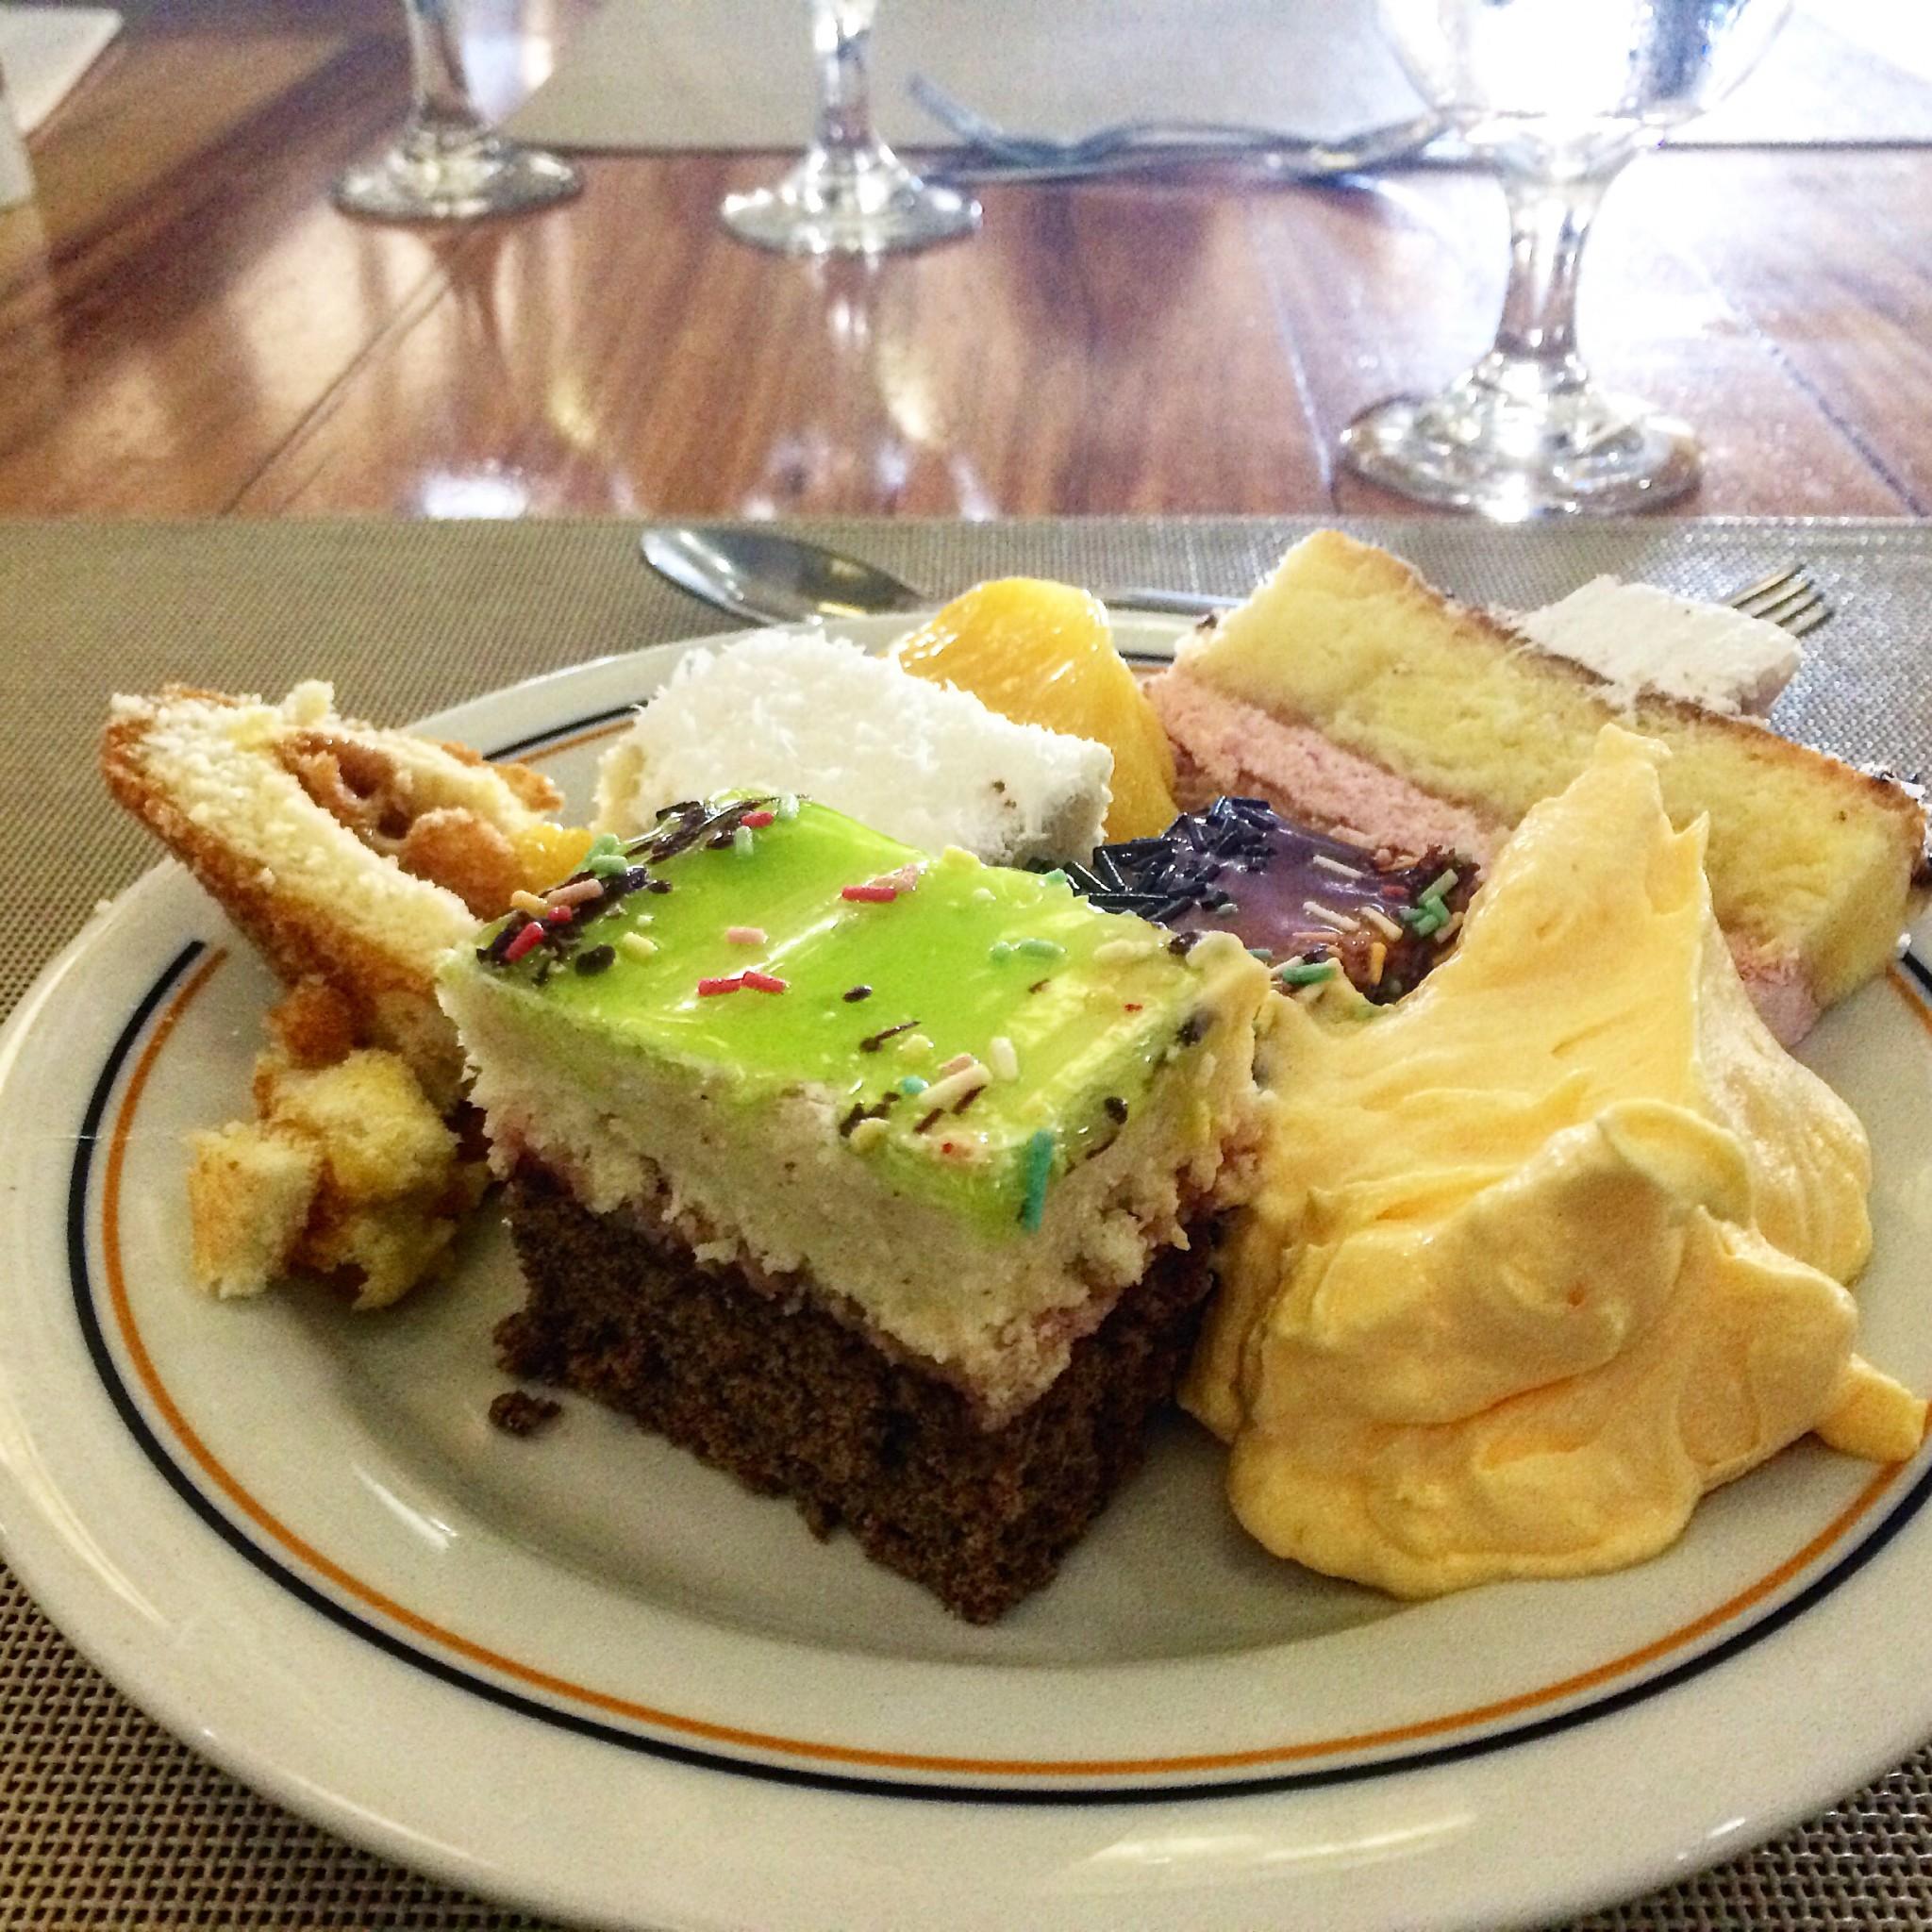 jälkiruokakakkuja ja -moussea lounaalla Varaderon hotelli Laguna Azulissa